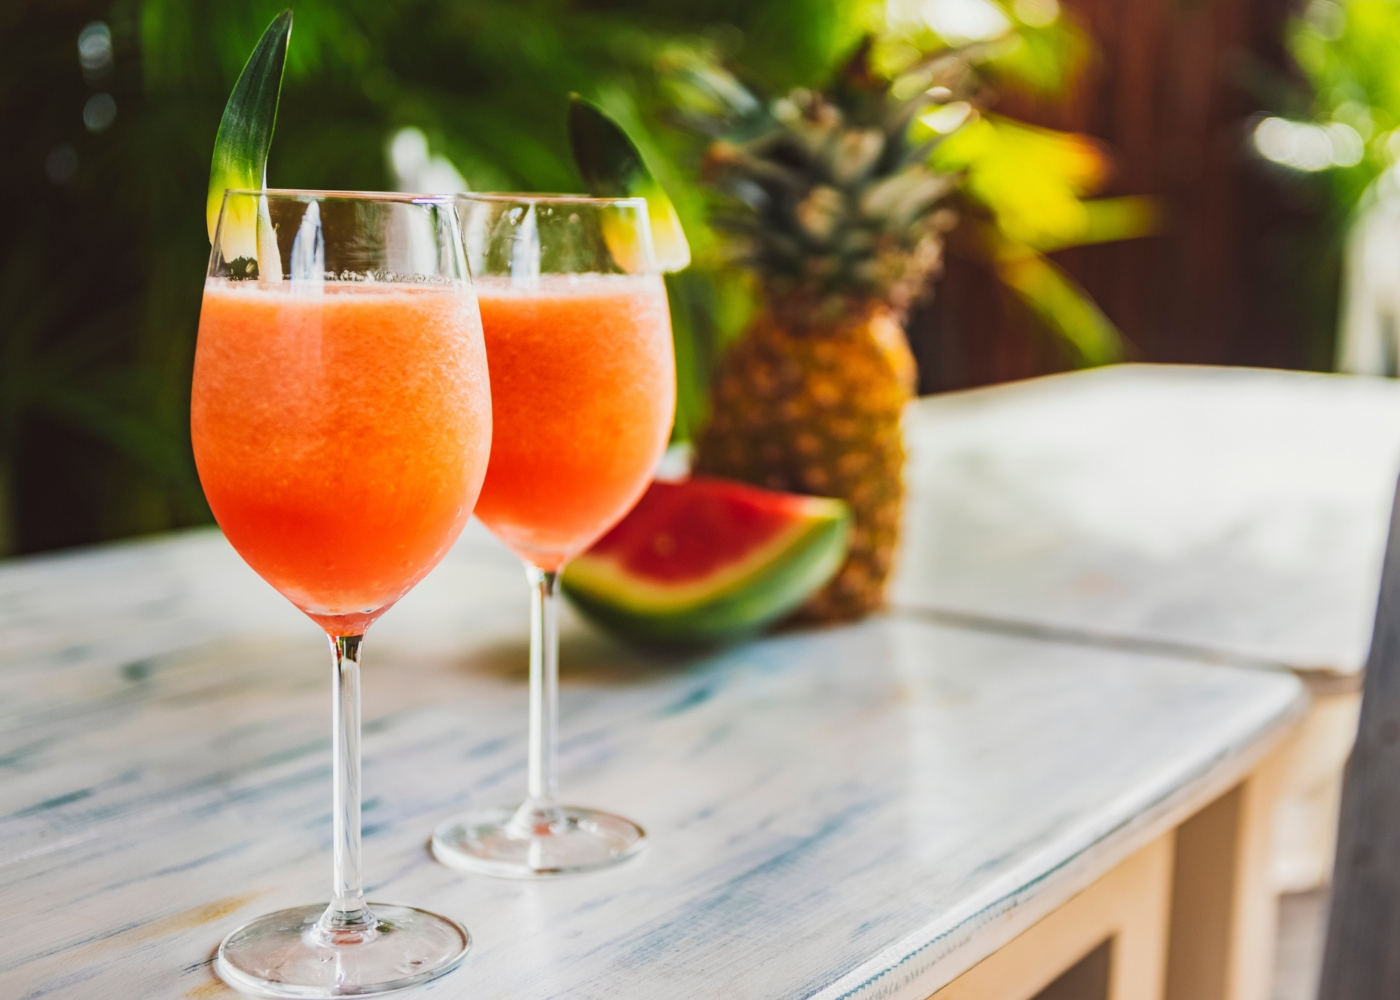 Sumo de melancia e abacaxi